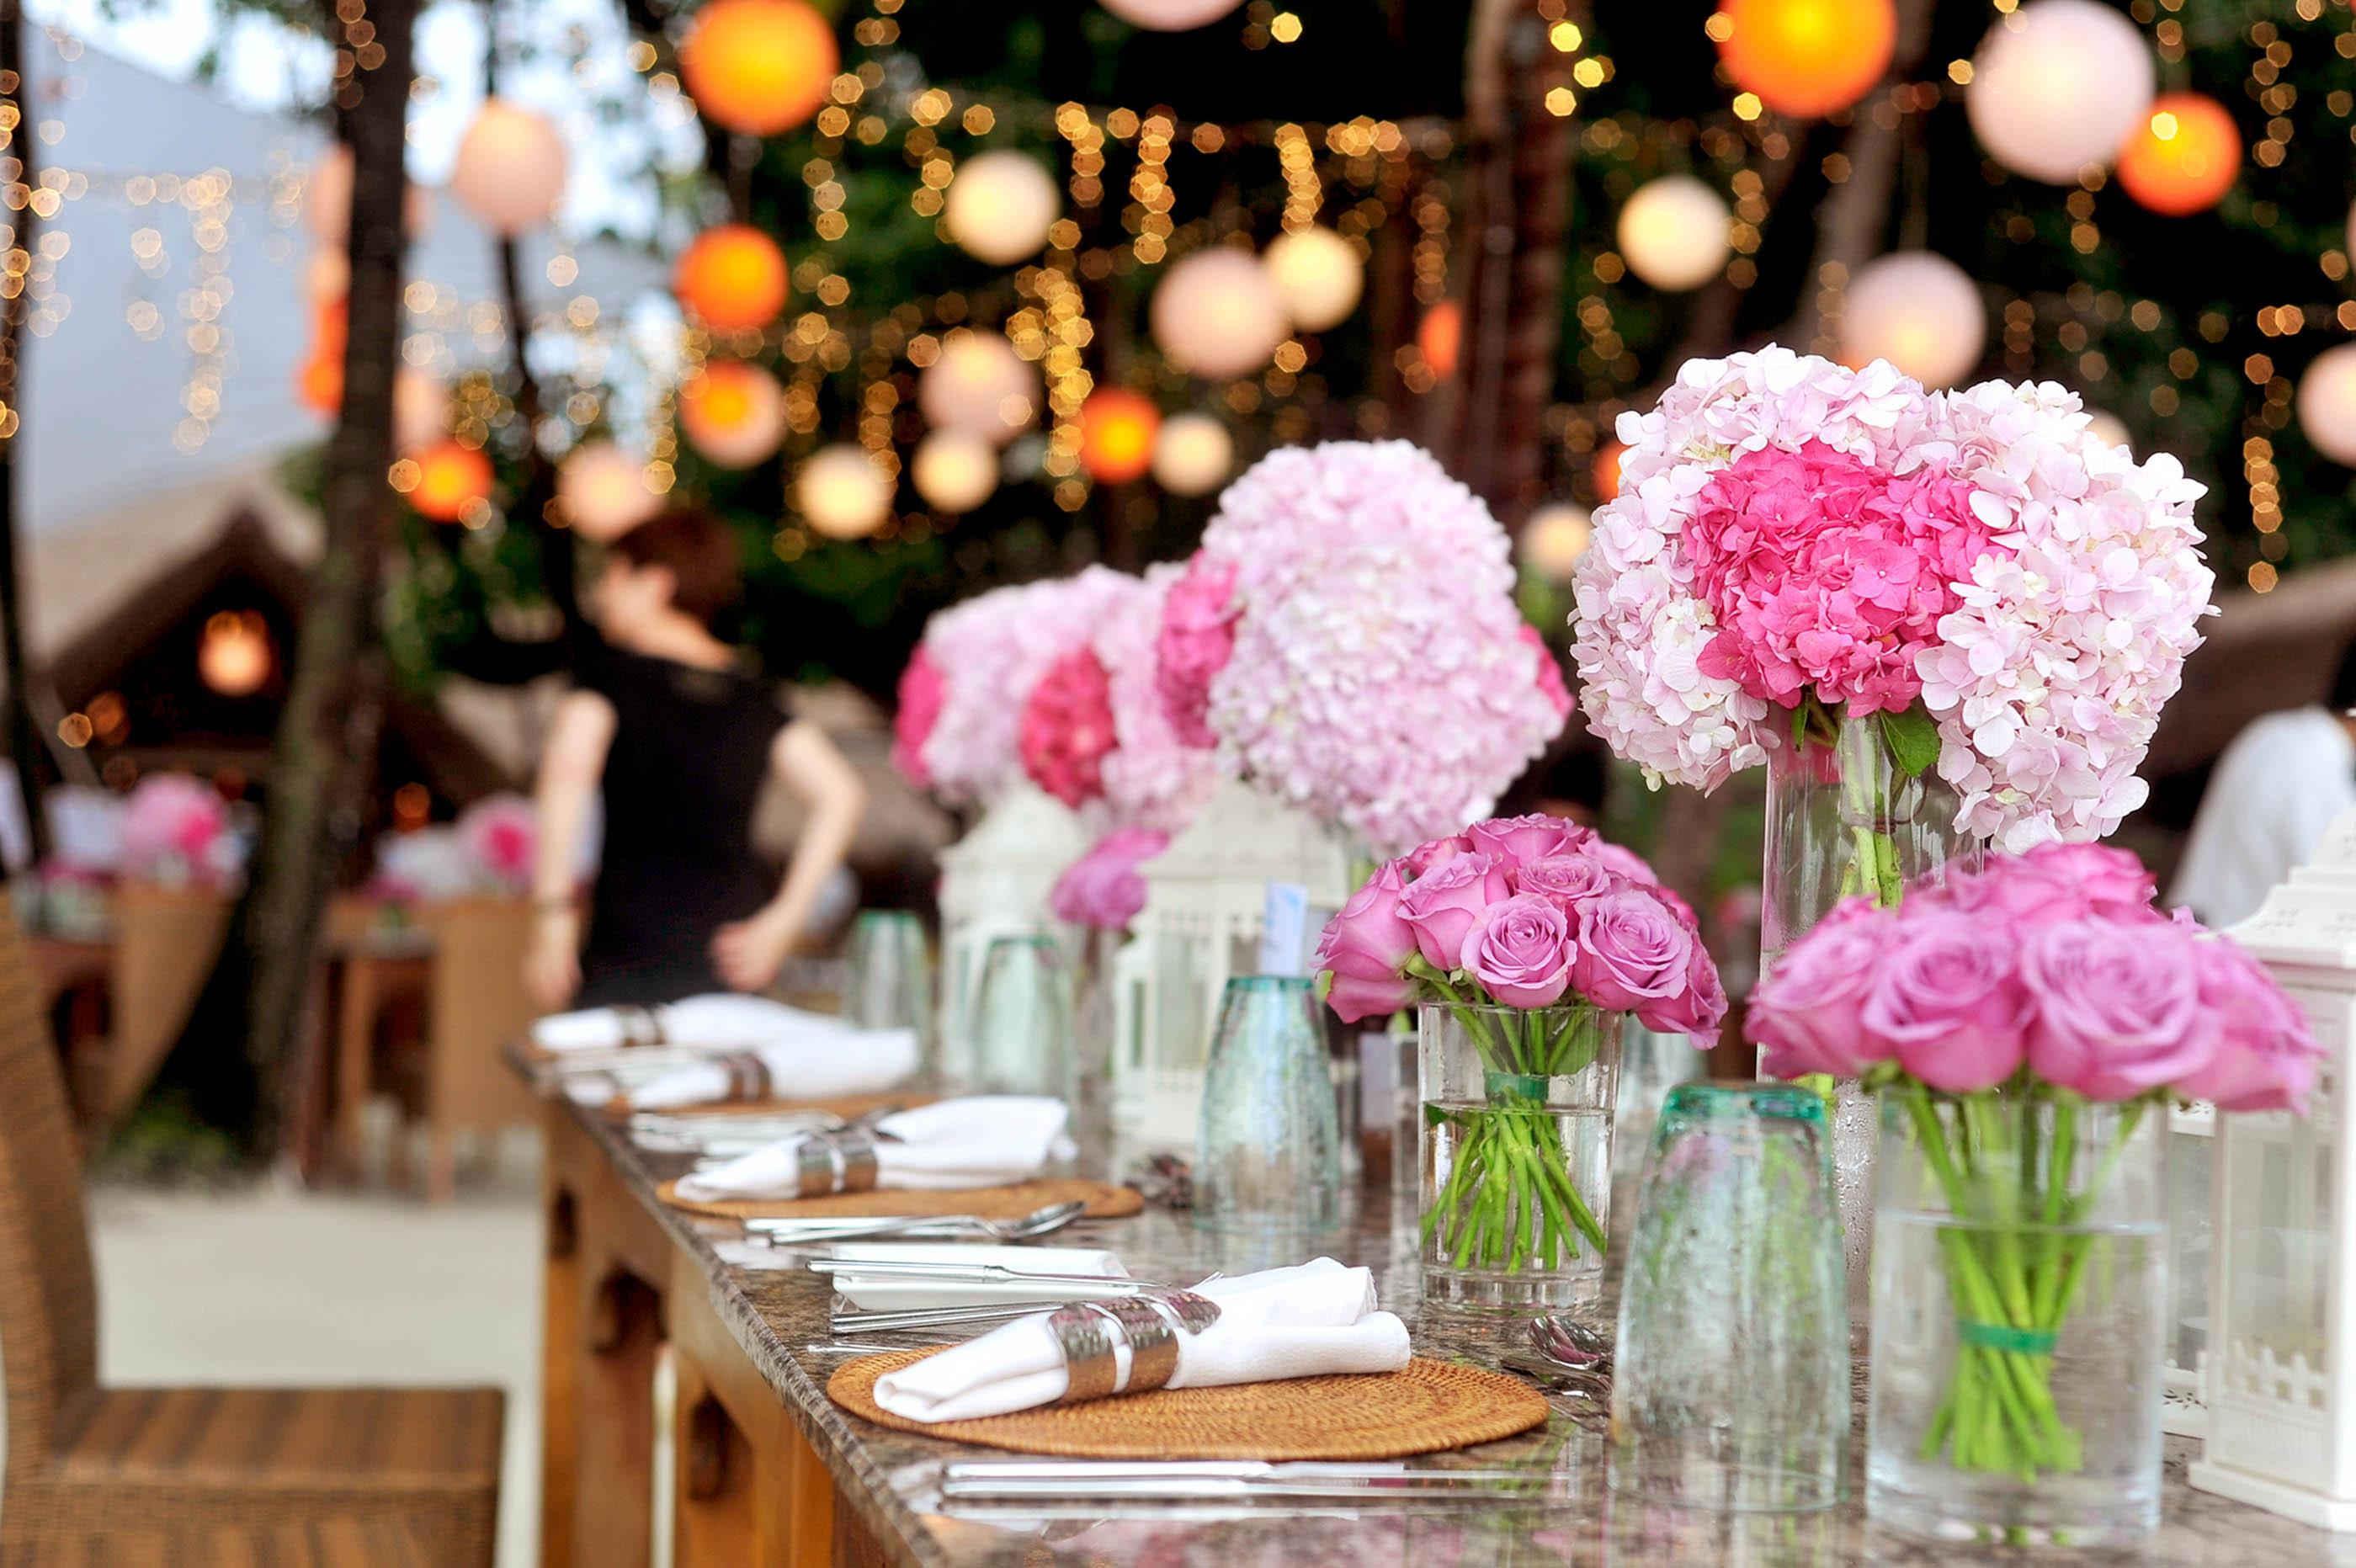 Cardápio de casamento: o que oferecer aos convidados?